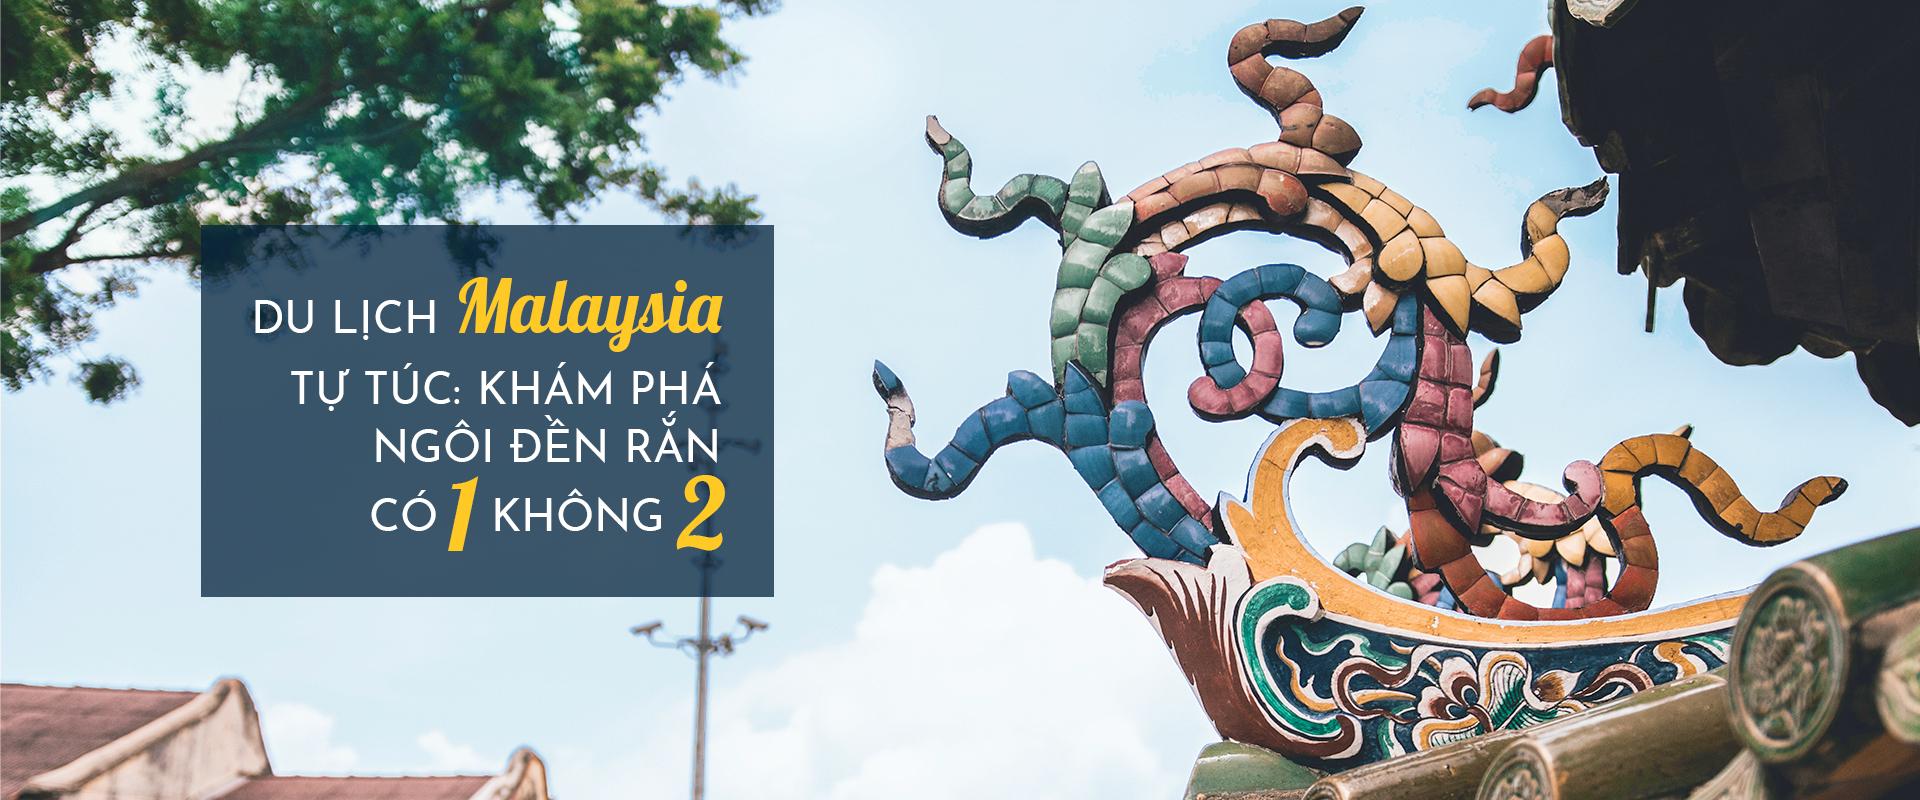 Du lịch Malaysia tự túc: Khám phá ngôi đền rắn có một không hai